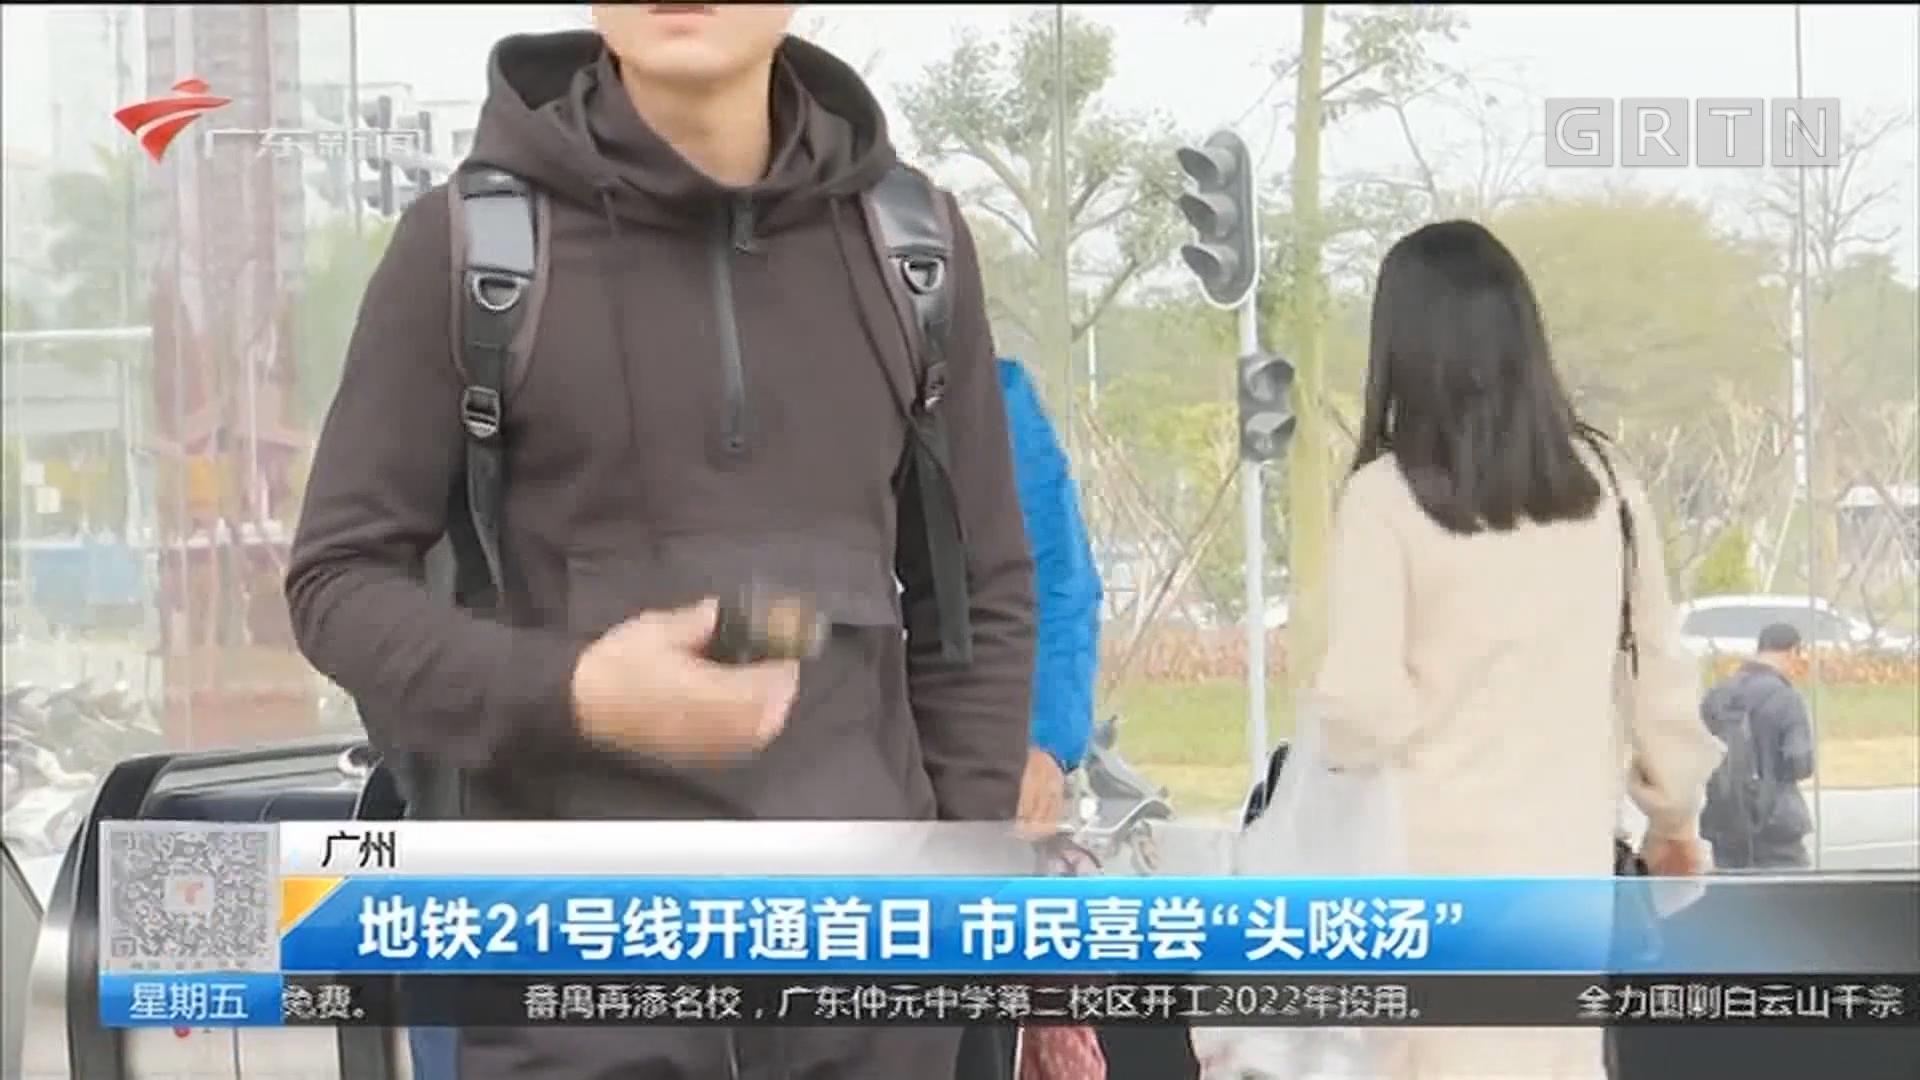 """广州 地铁21号线开通首日 市民喜尝""""头啖汤"""""""